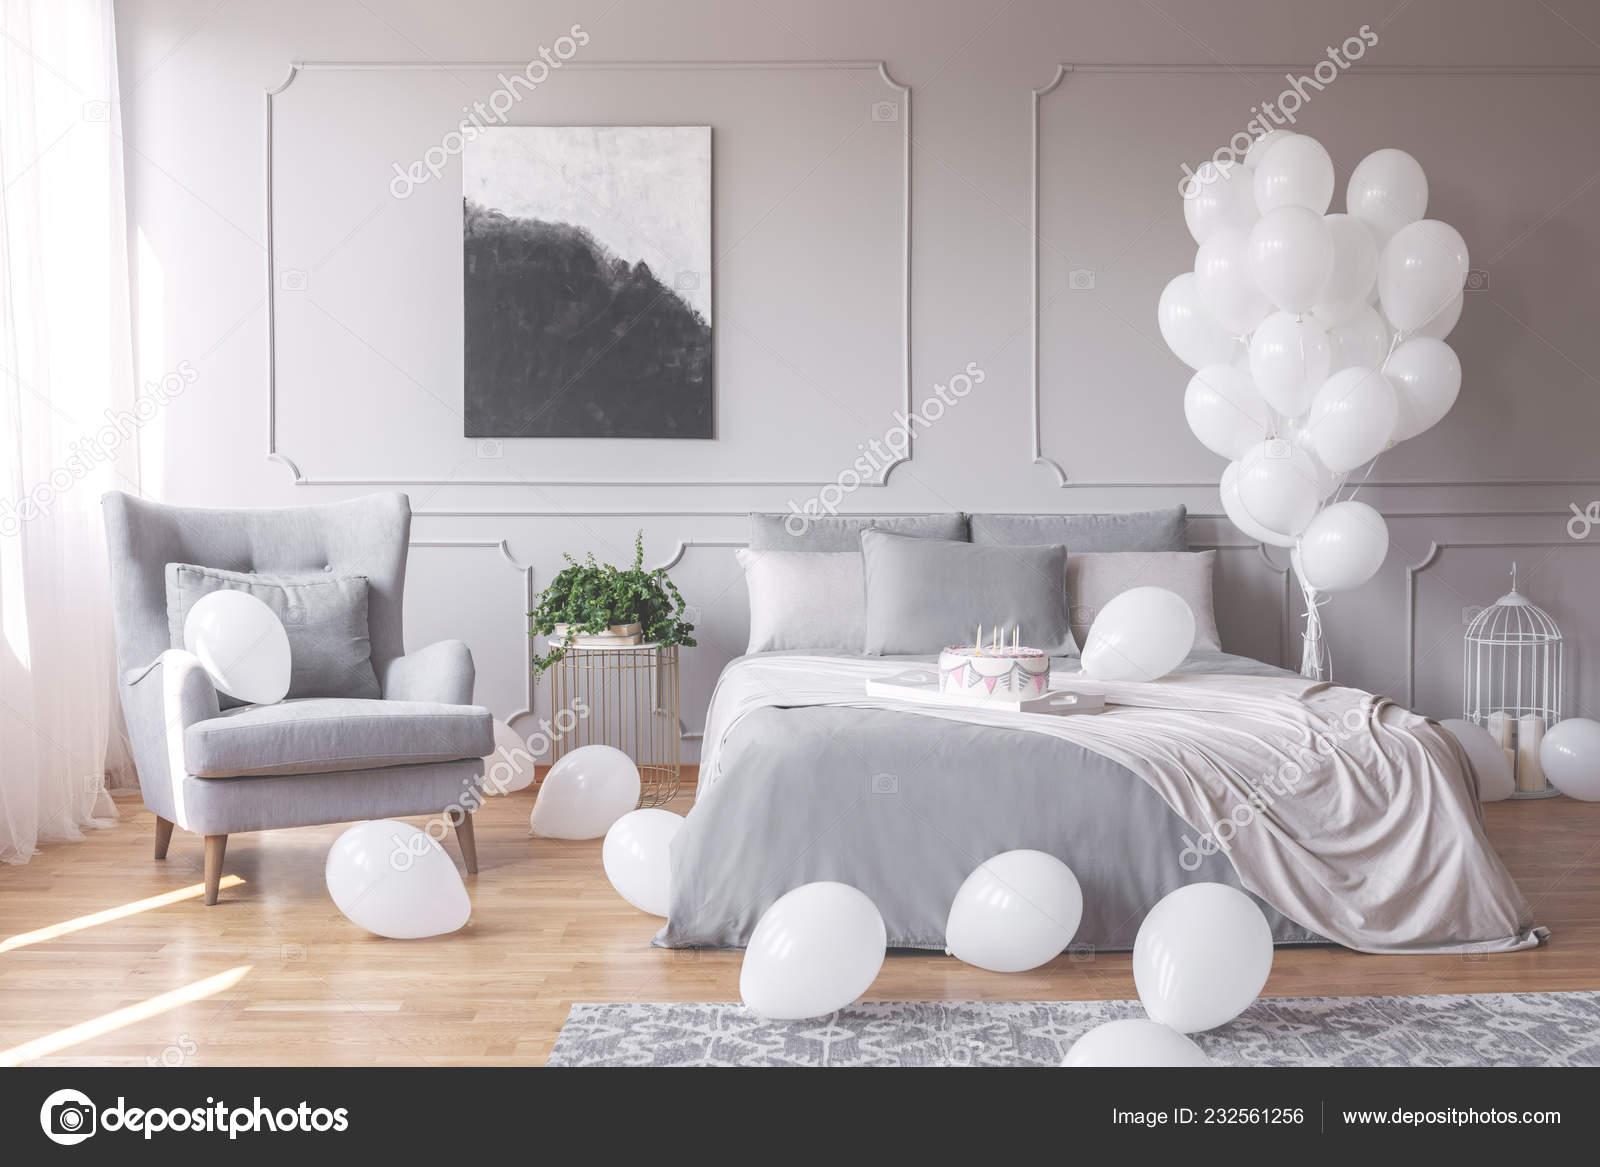 Camere Da Letto Matrimoniali Romantiche : Foto reale interno camera letto romantica con una poltrona letto